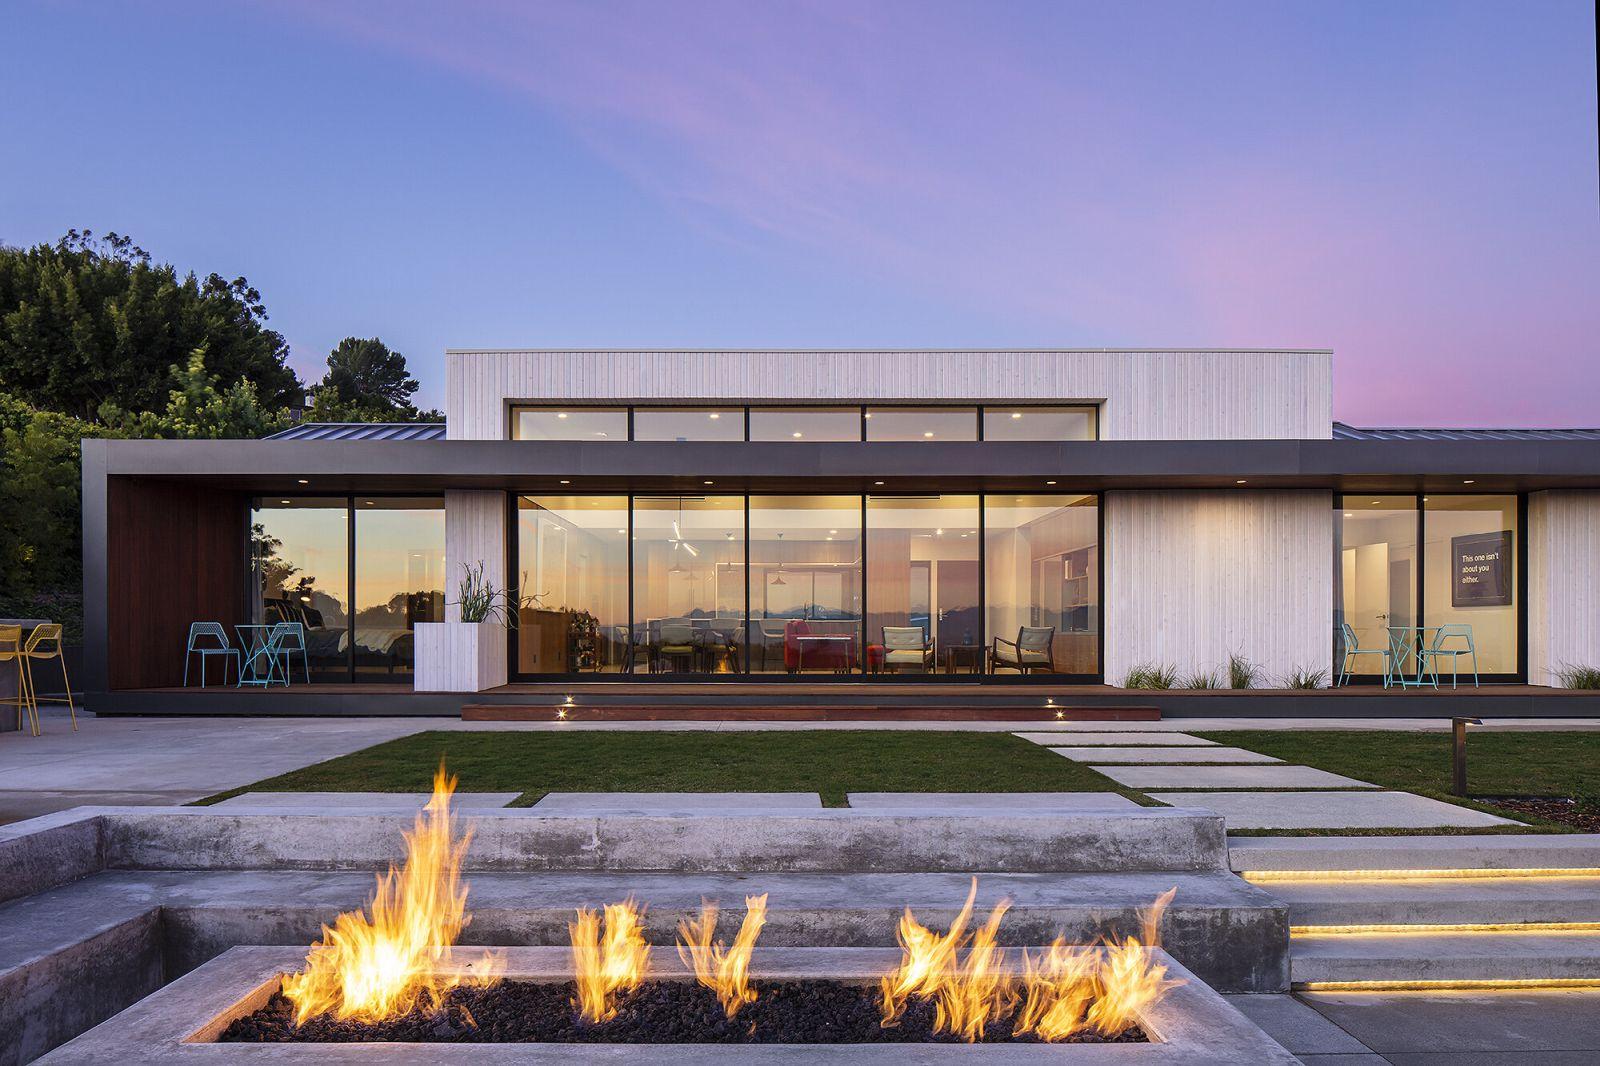 award winning design crestridge residence single family home by colega